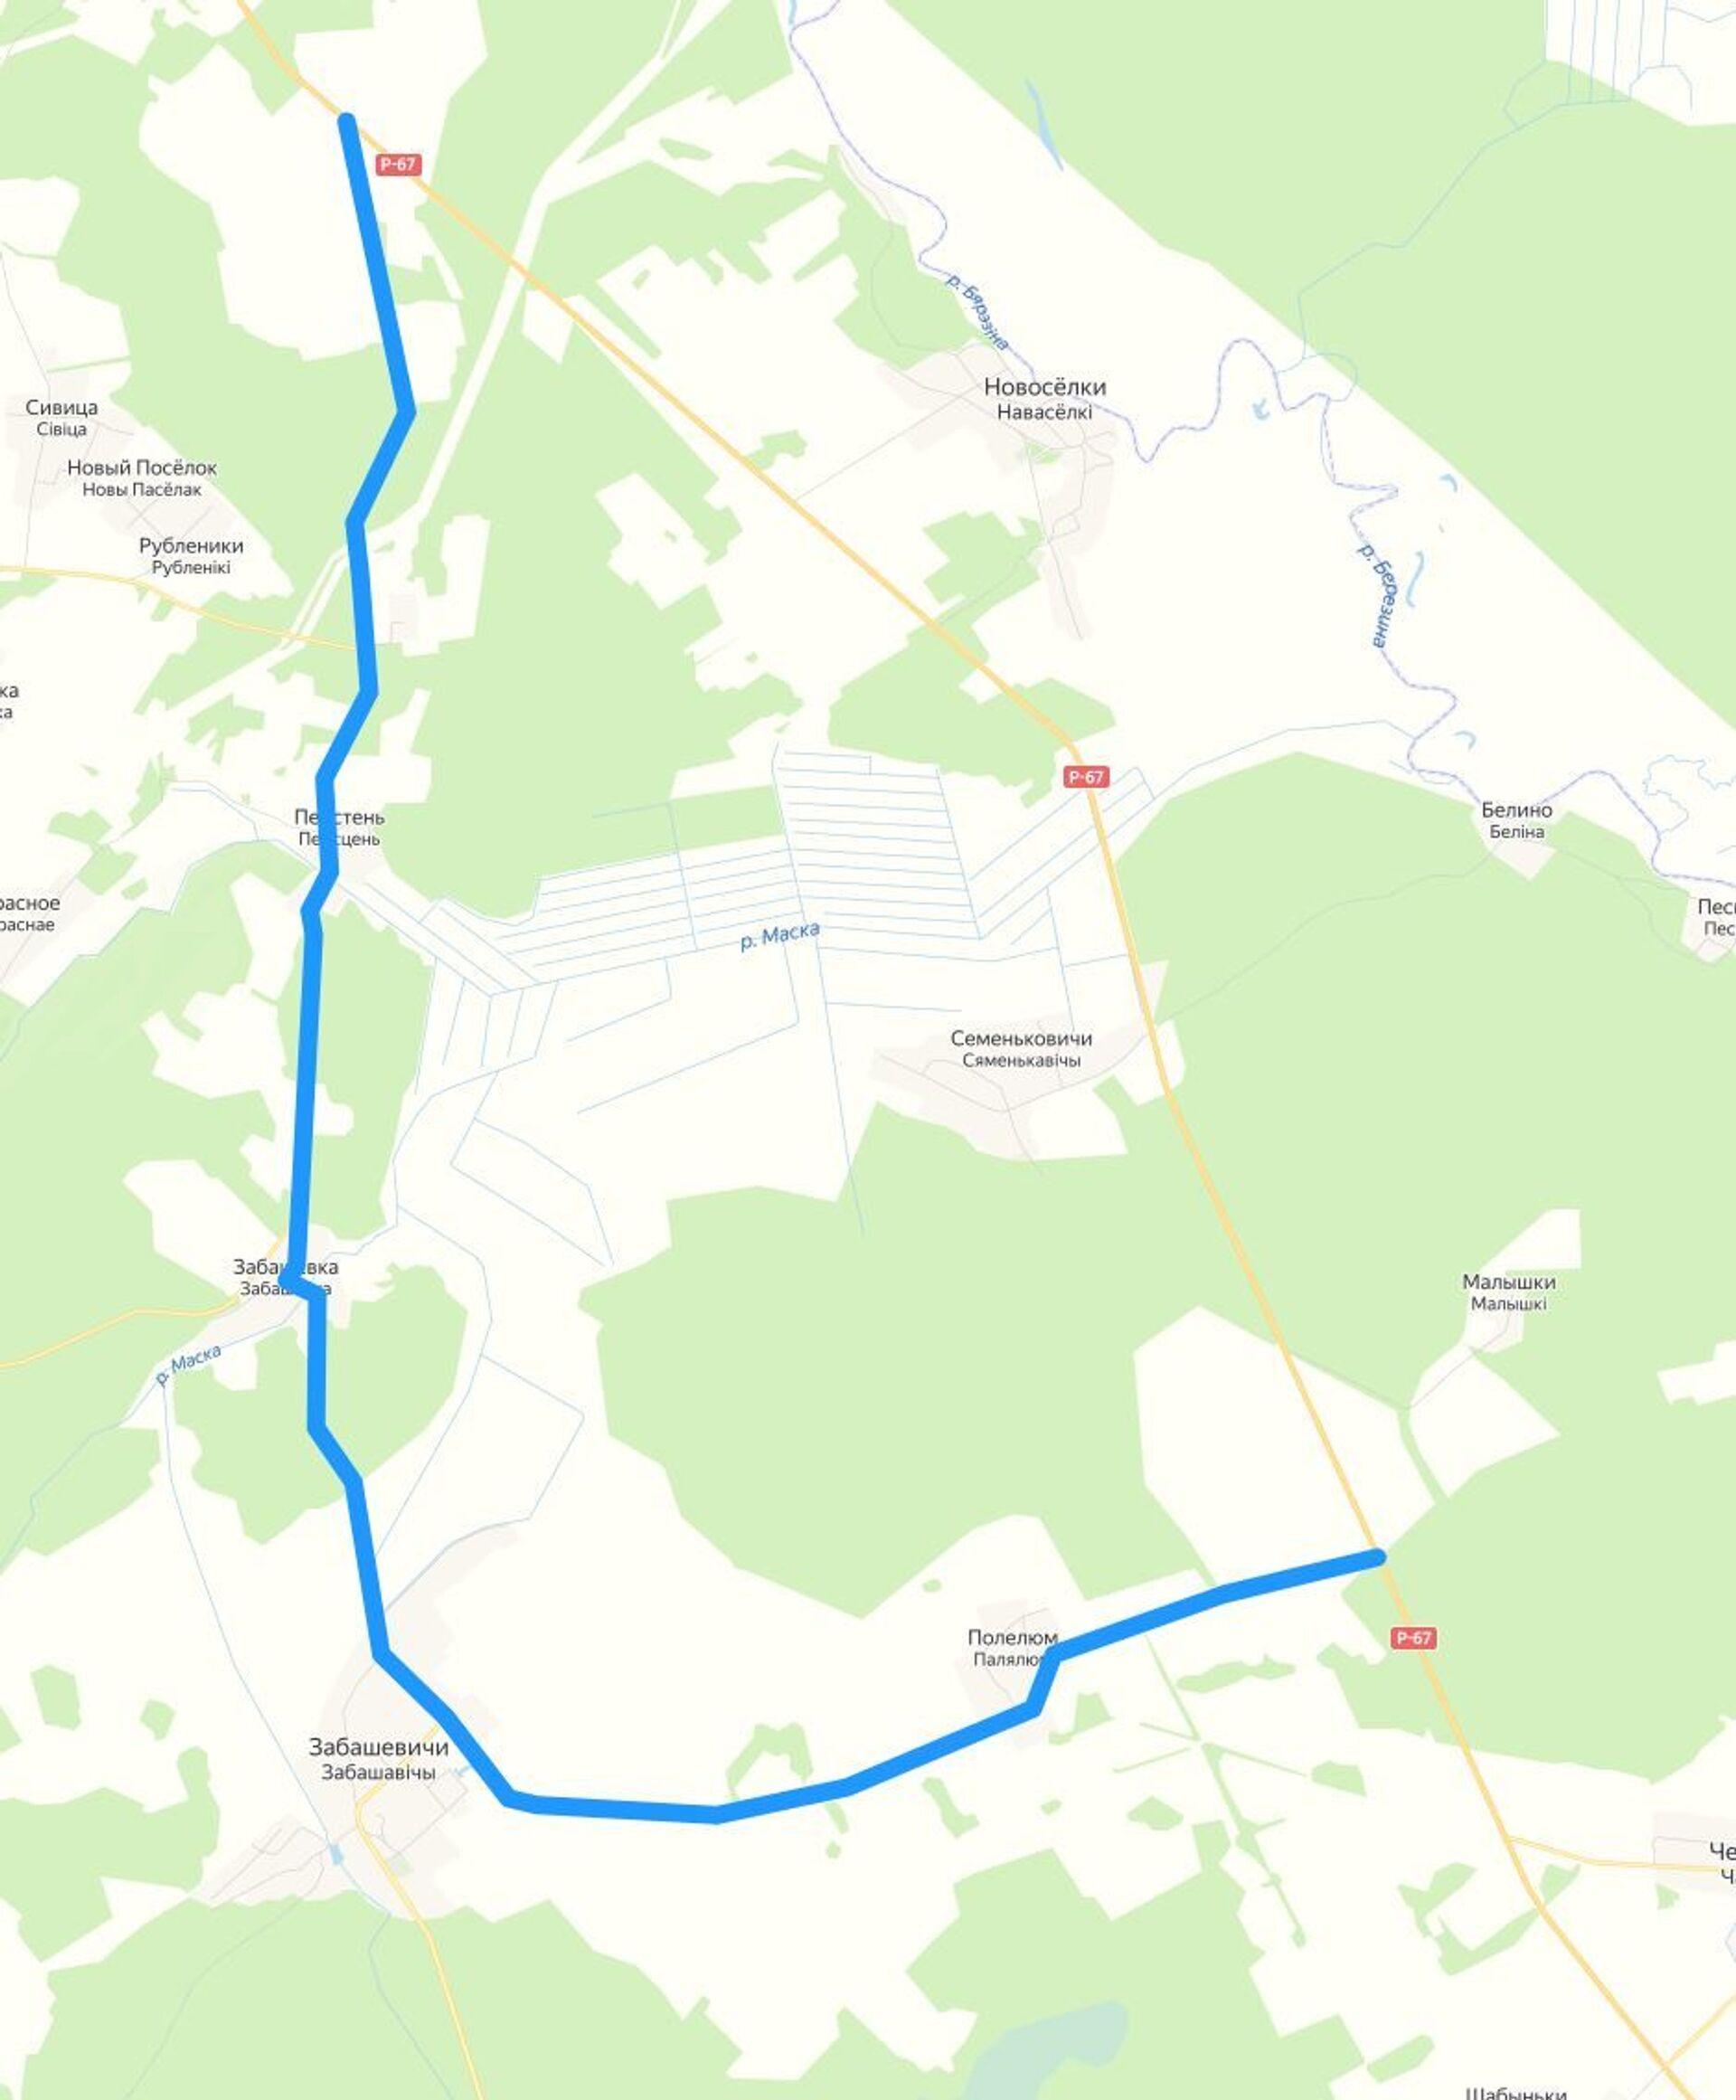 После обрушения моста на трассе Р-67 организован объезд через близлежащие населенные пункты Забашевка, Забашевичи, Полелюм - Sputnik Беларусь, 1920, 29.06.2021